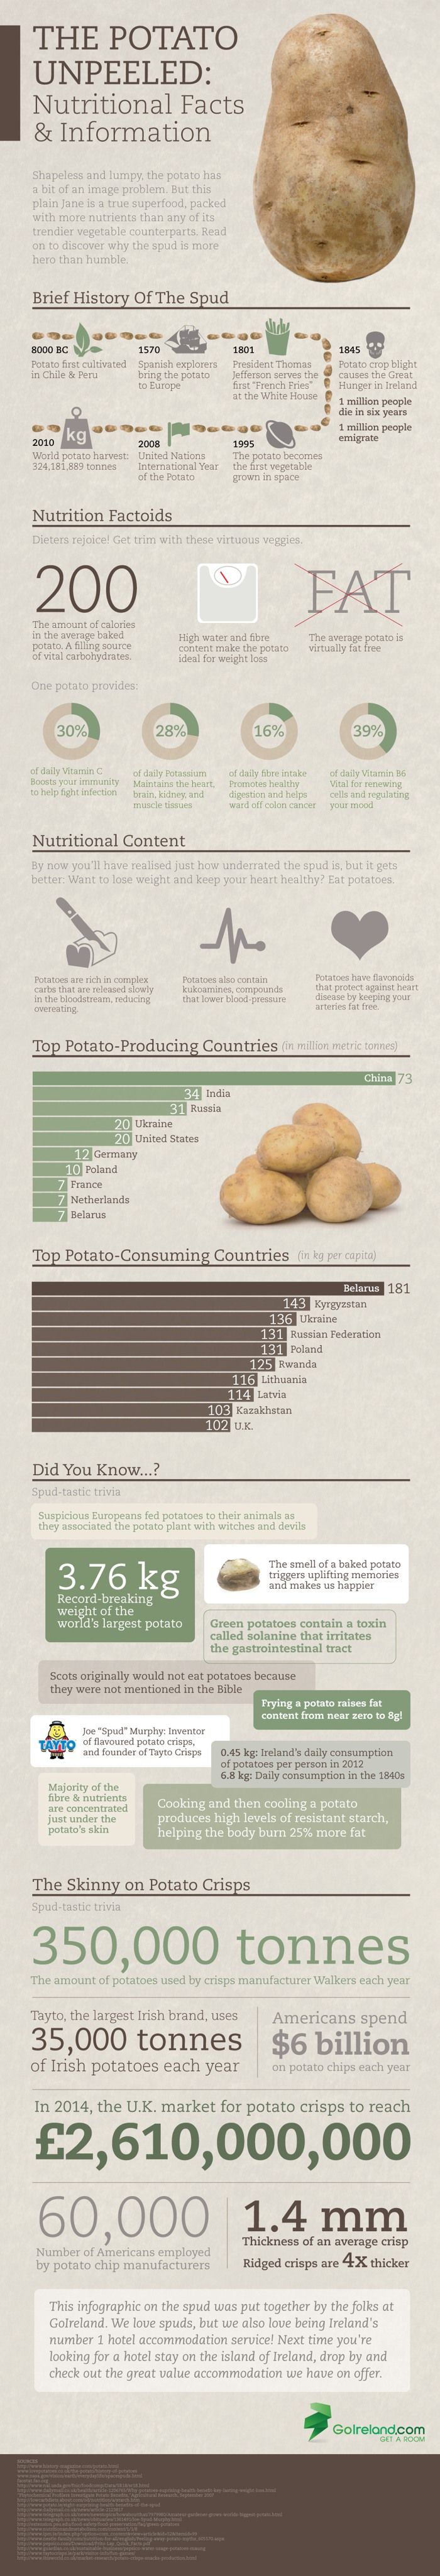 The Potato Unpeeled Infographic